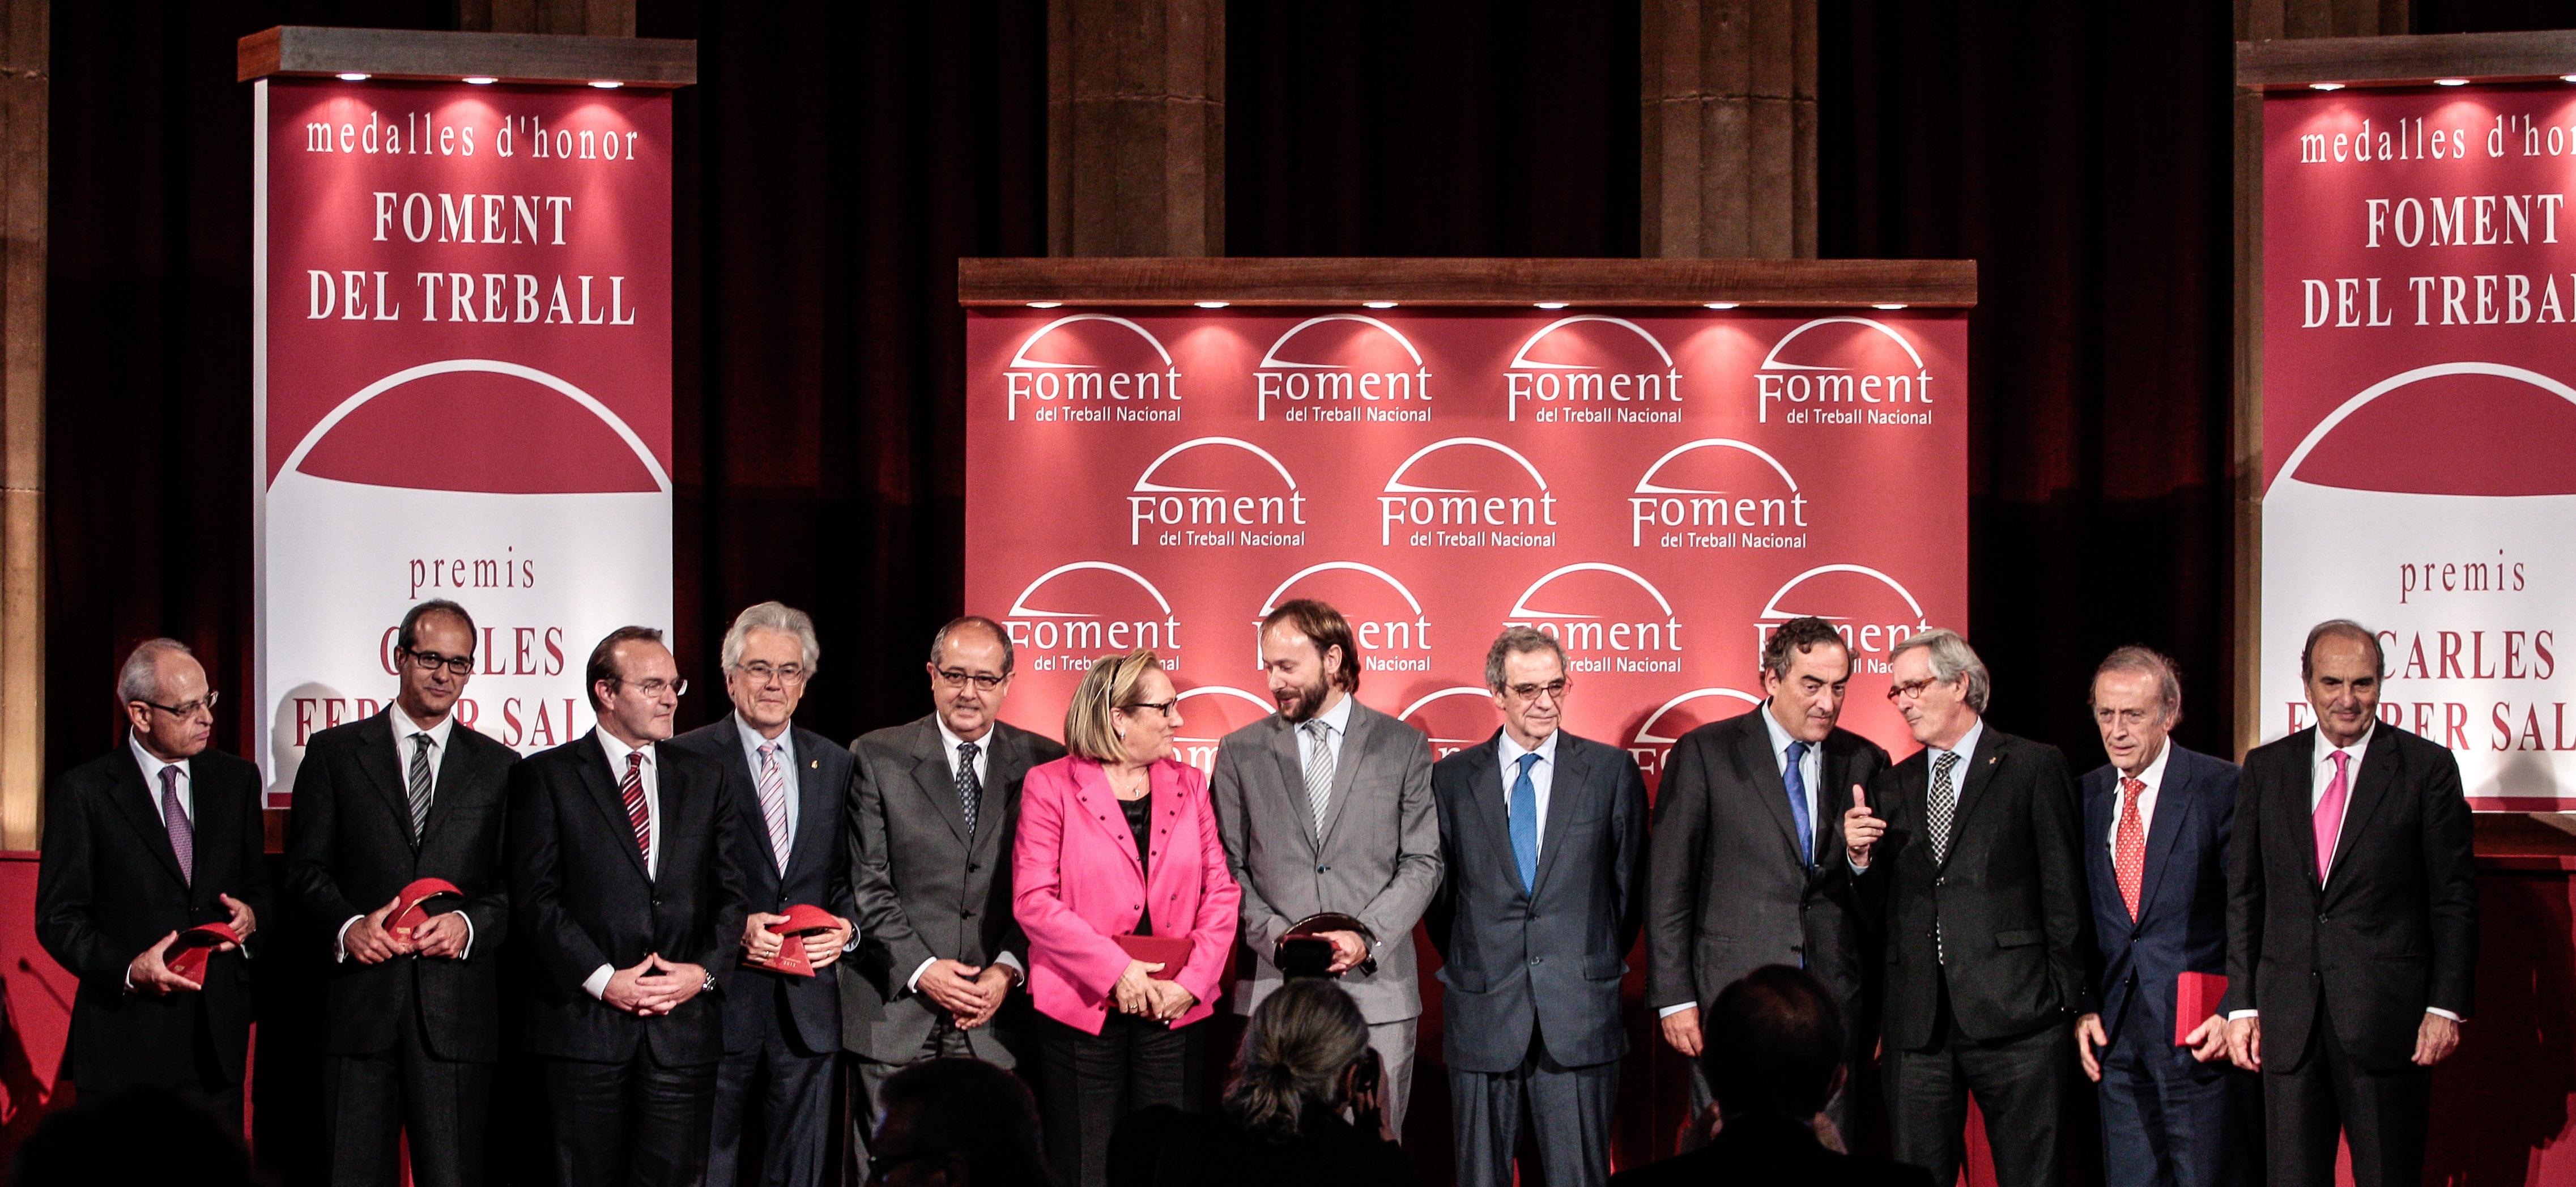 Foment distingue a César Alierta y Miguel A. Torres con las Medallas de Honor de la institución